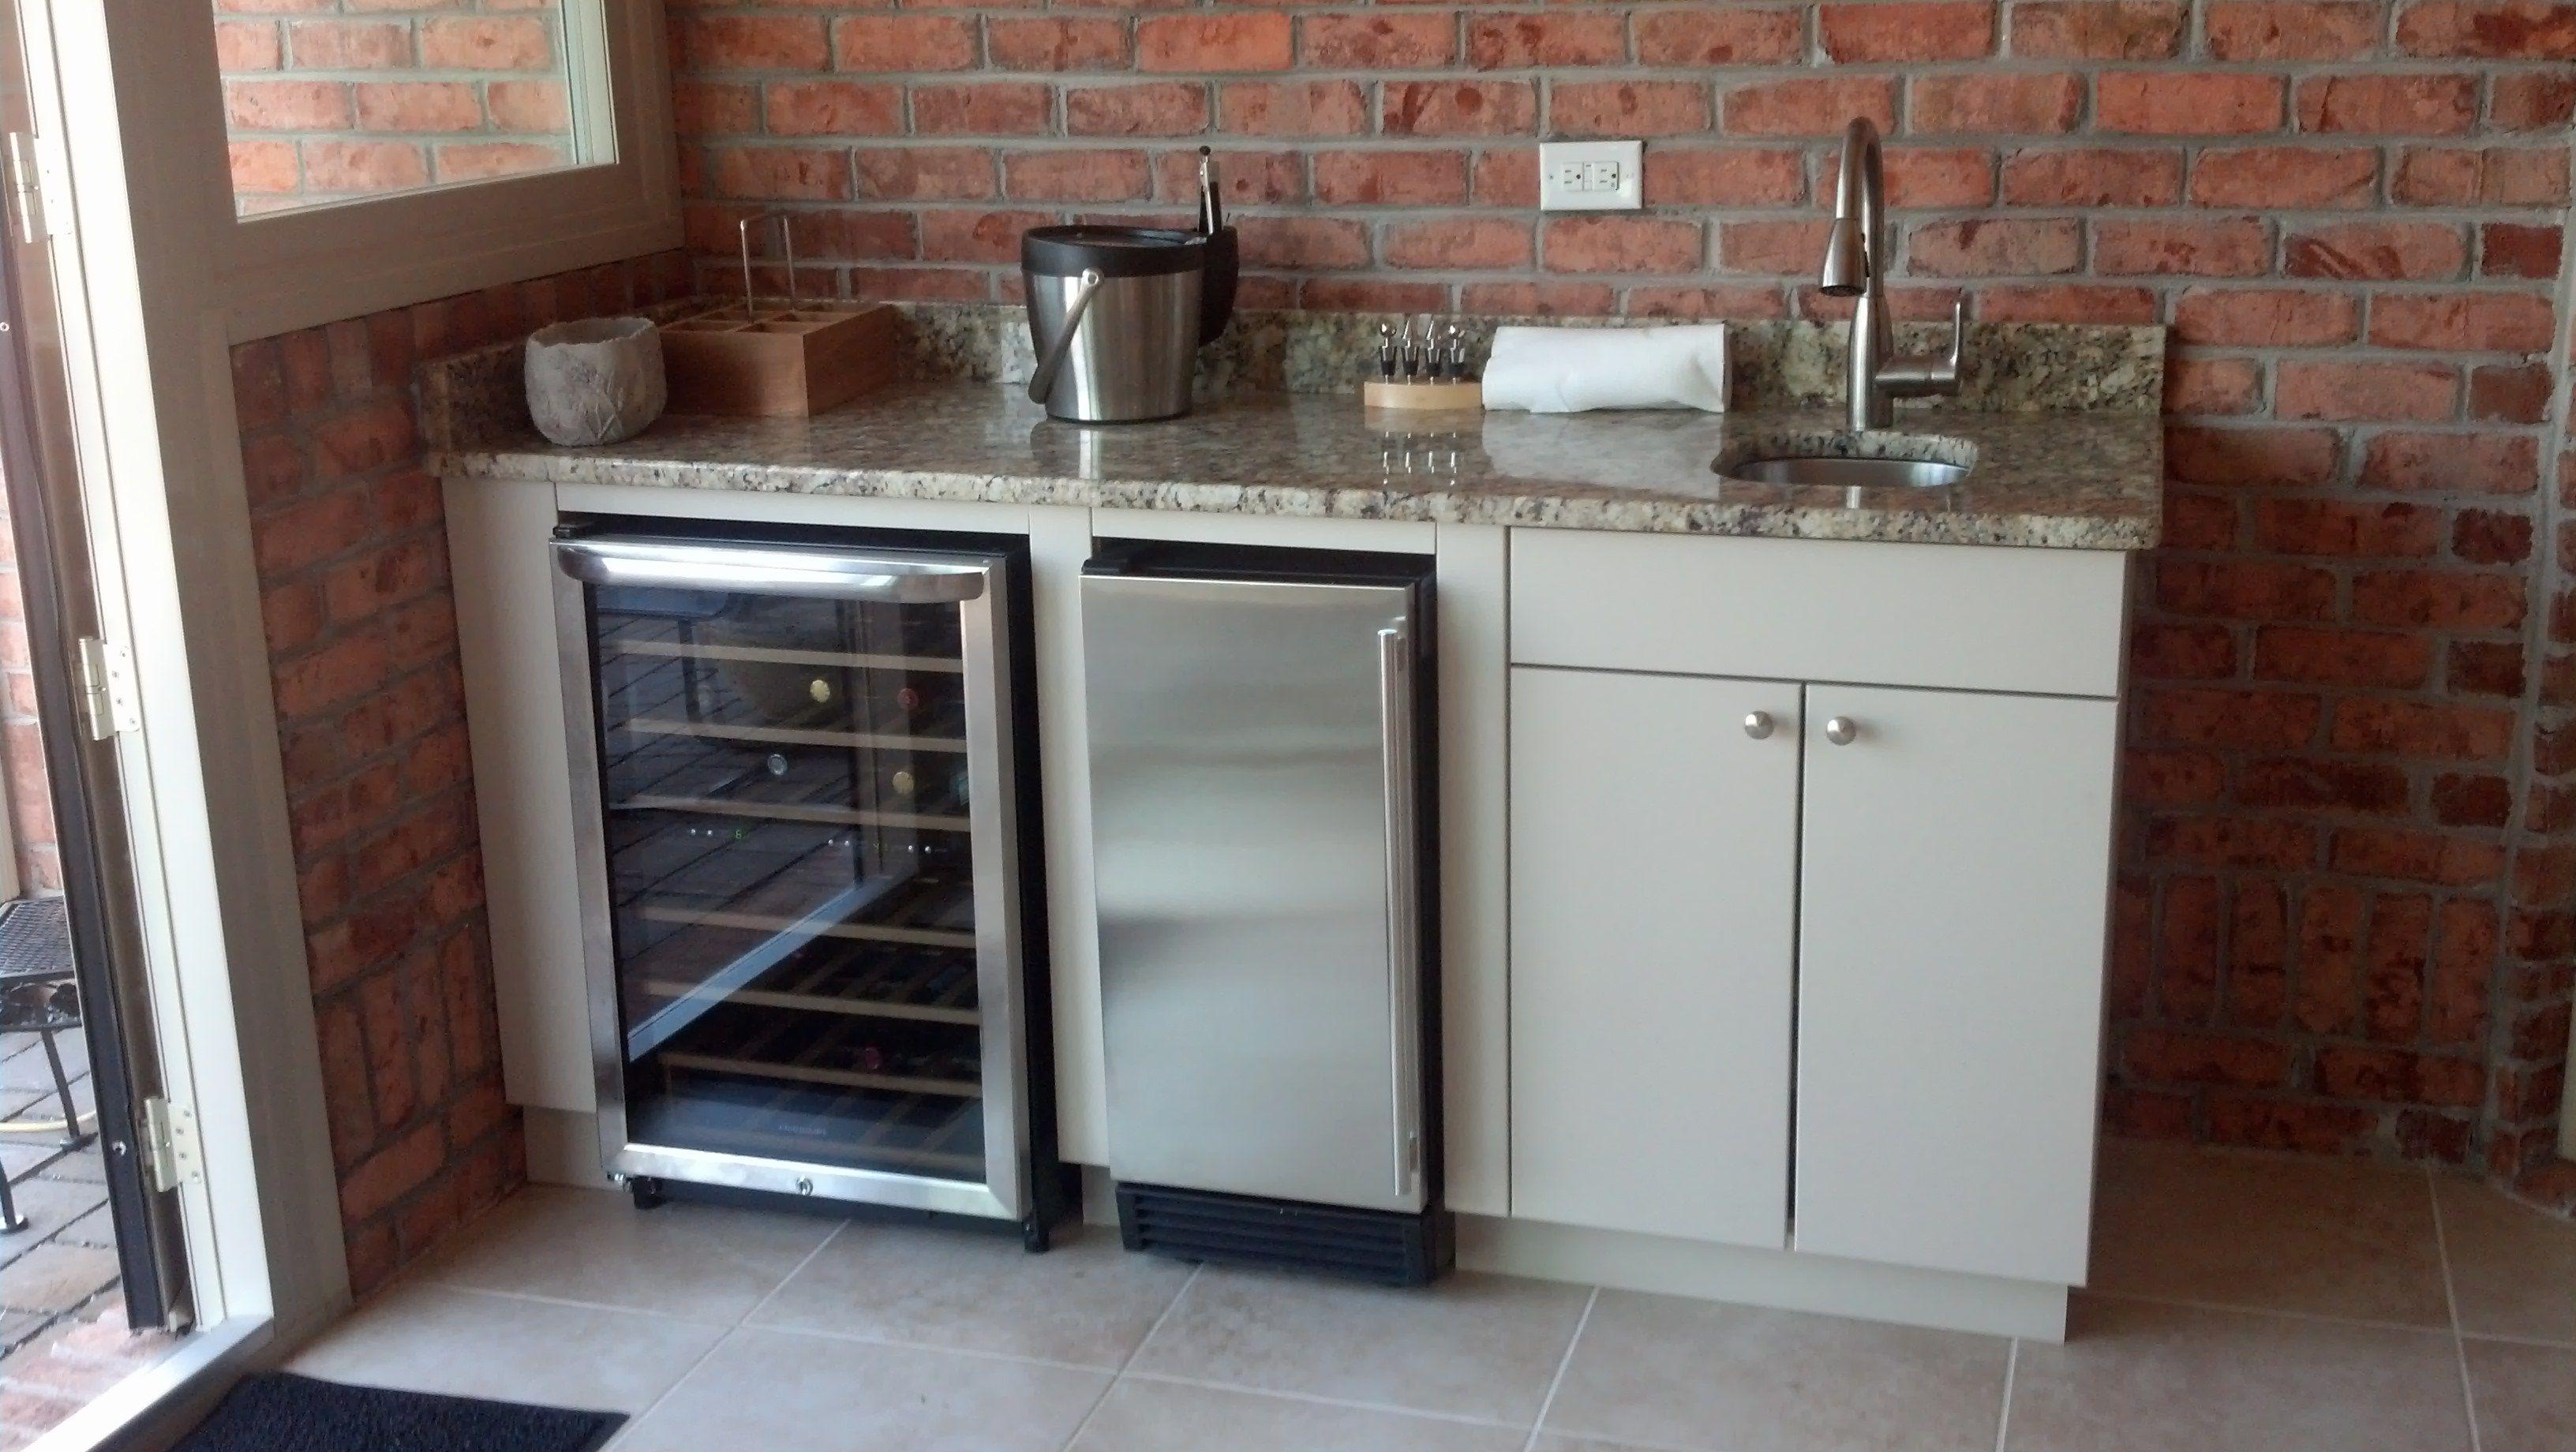 Outdoor Kitchen Refrigerator Ice Maker | Outdoor kitchen ...